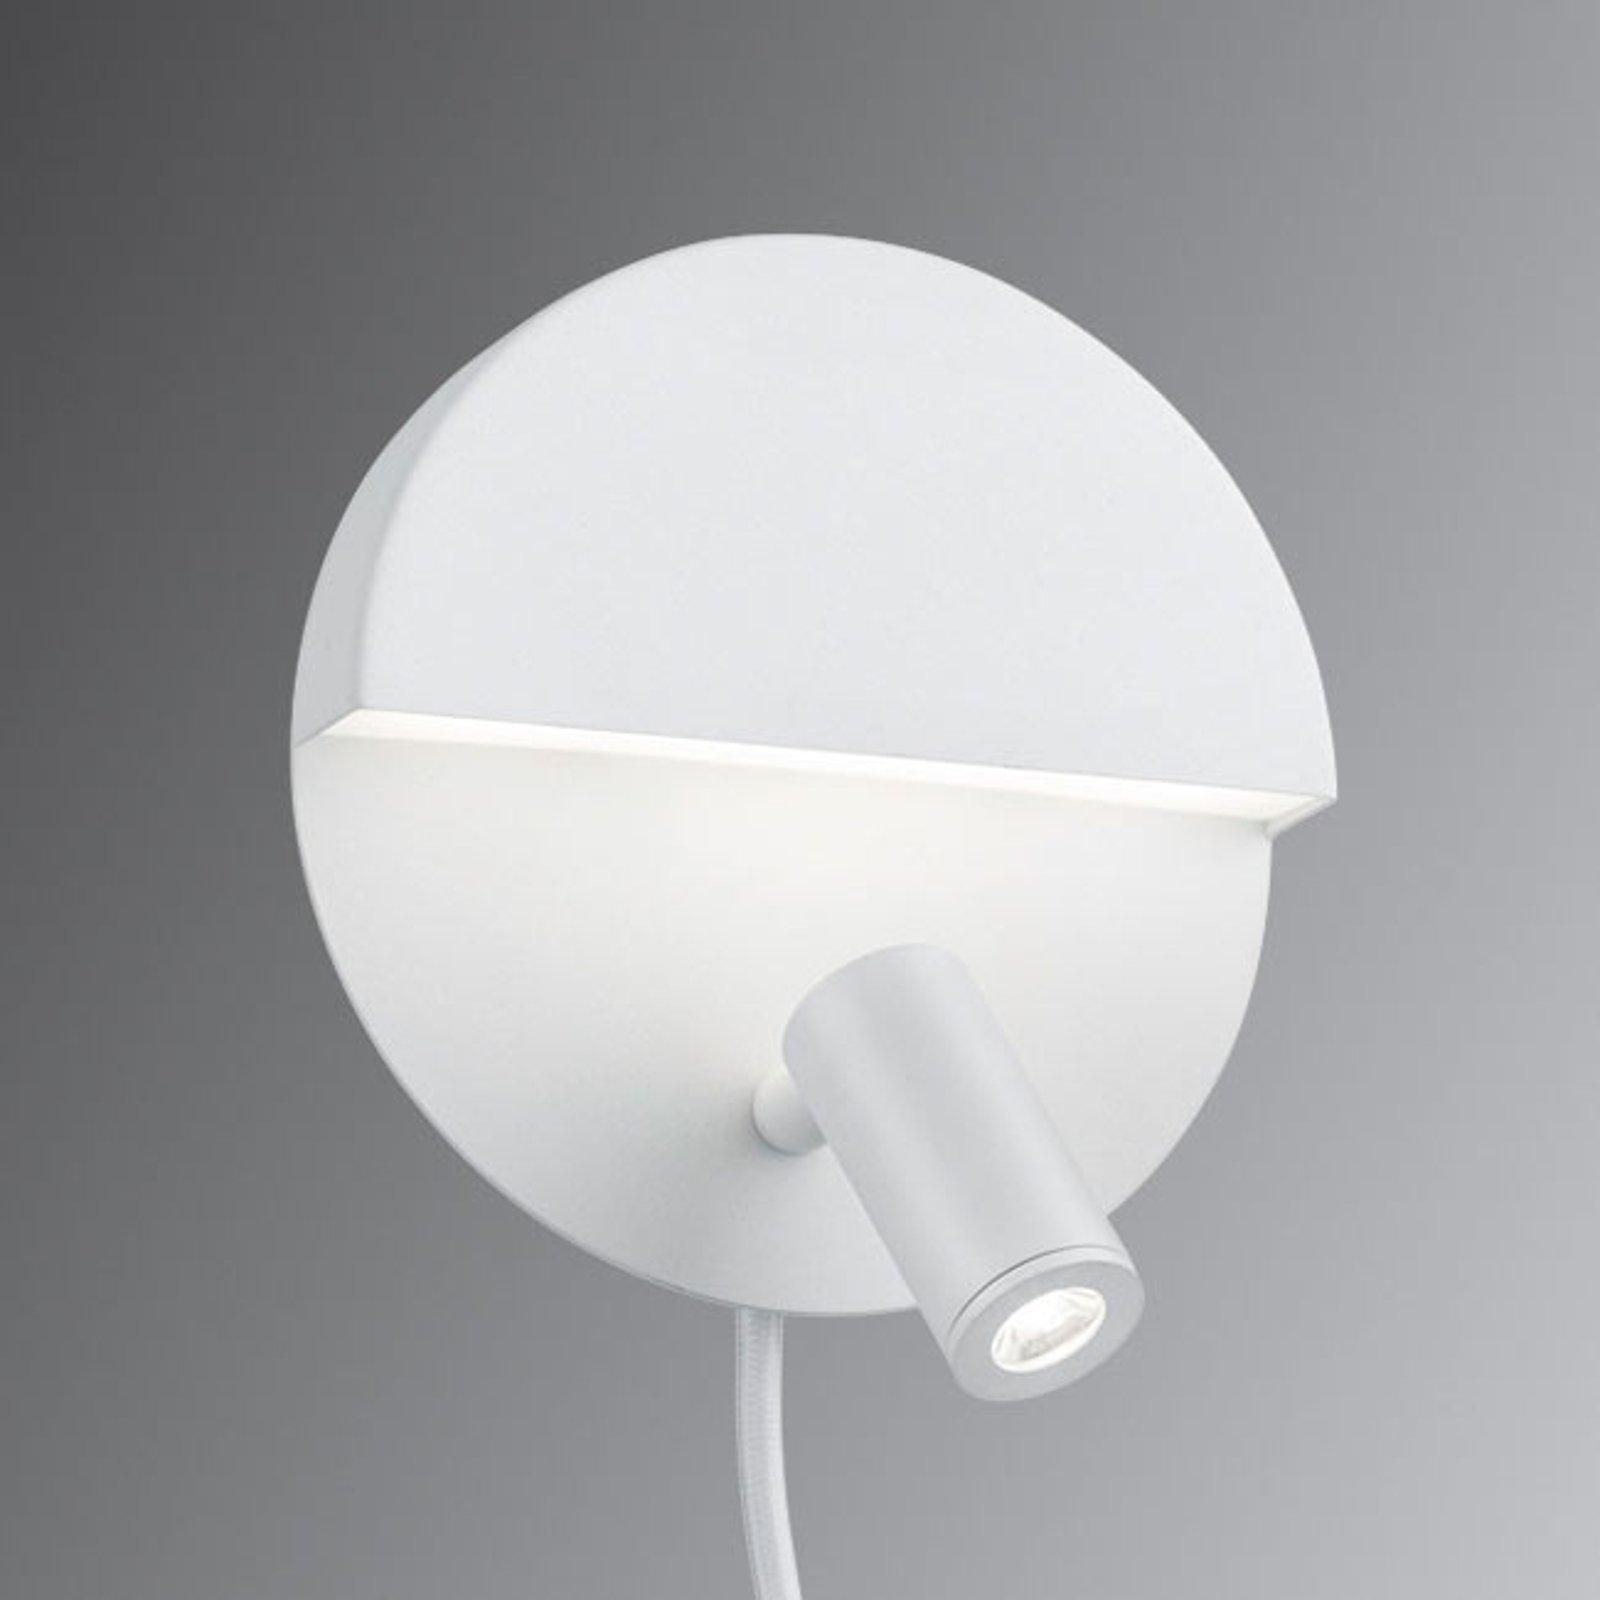 Funksjonell LED-vegglampe Mario med 2 brytere